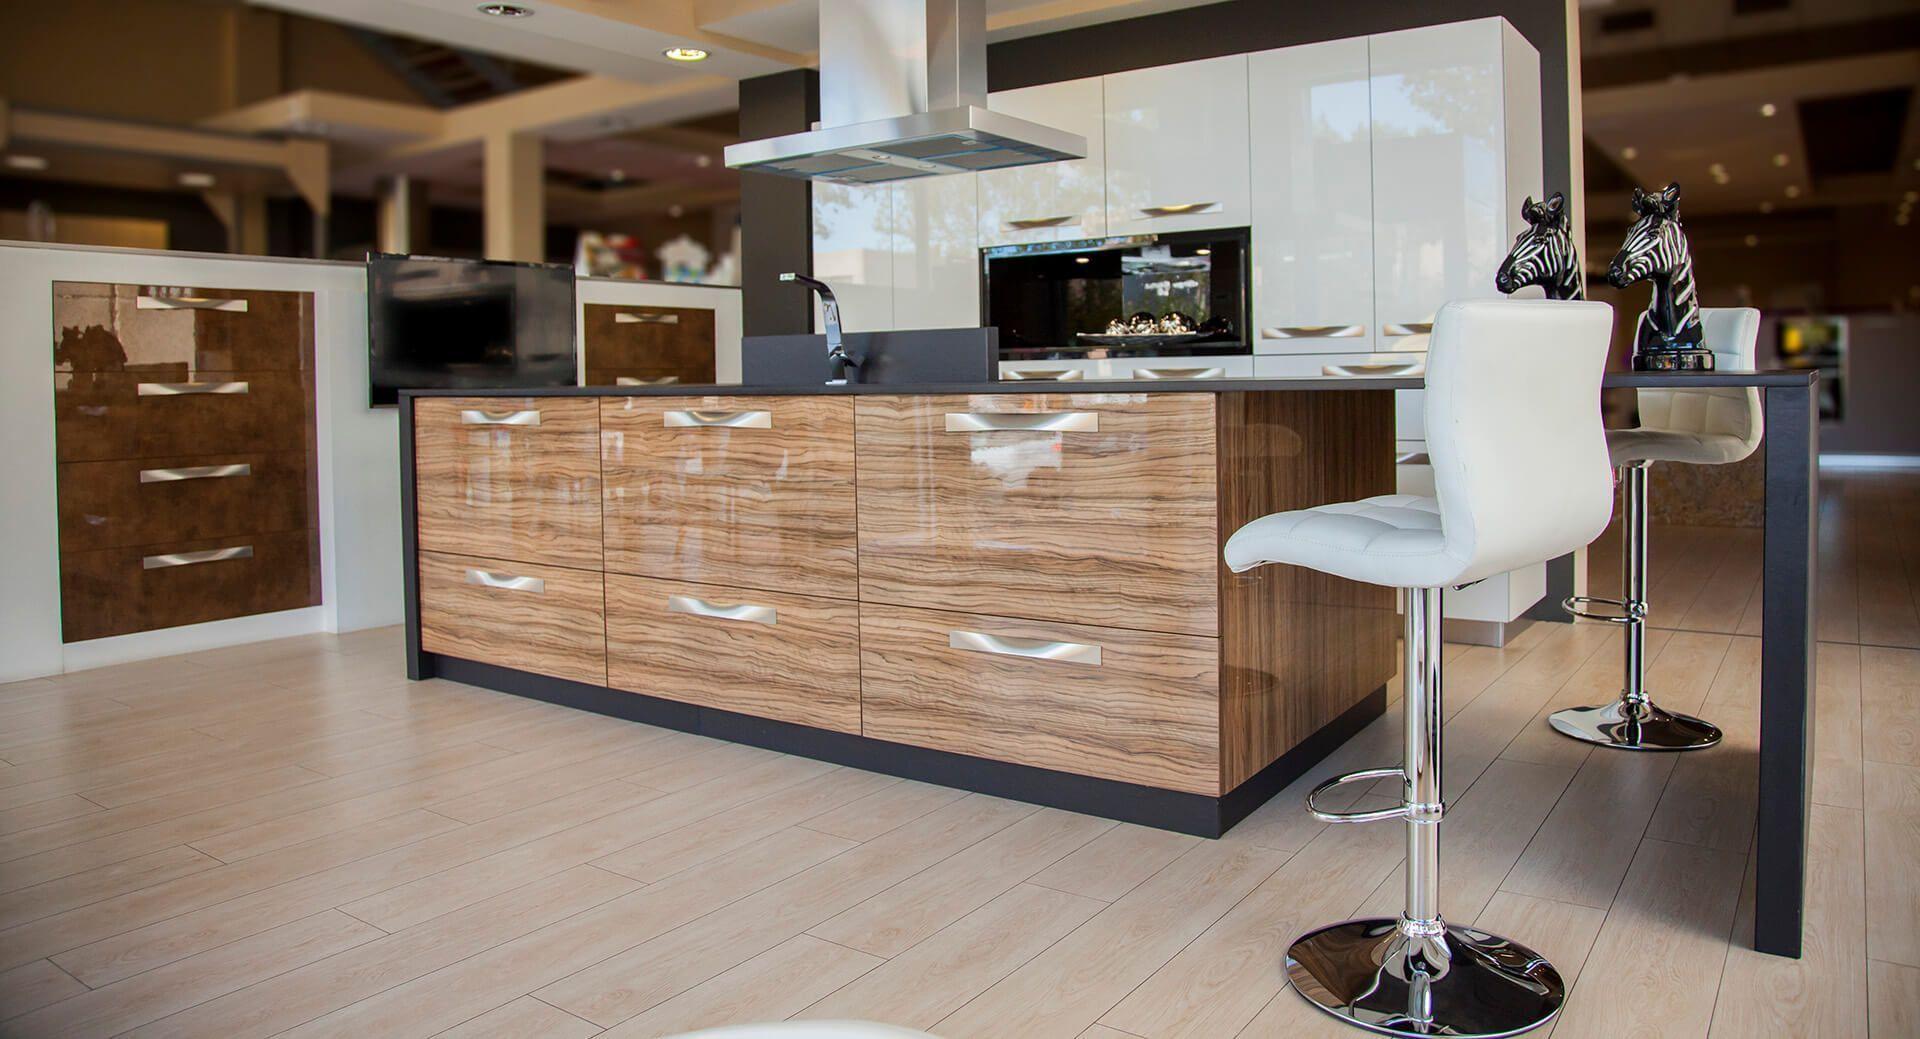 Fabricantes de muebles de cocina madrid catalogo muebles - Muebles de valencia fabricantes ...